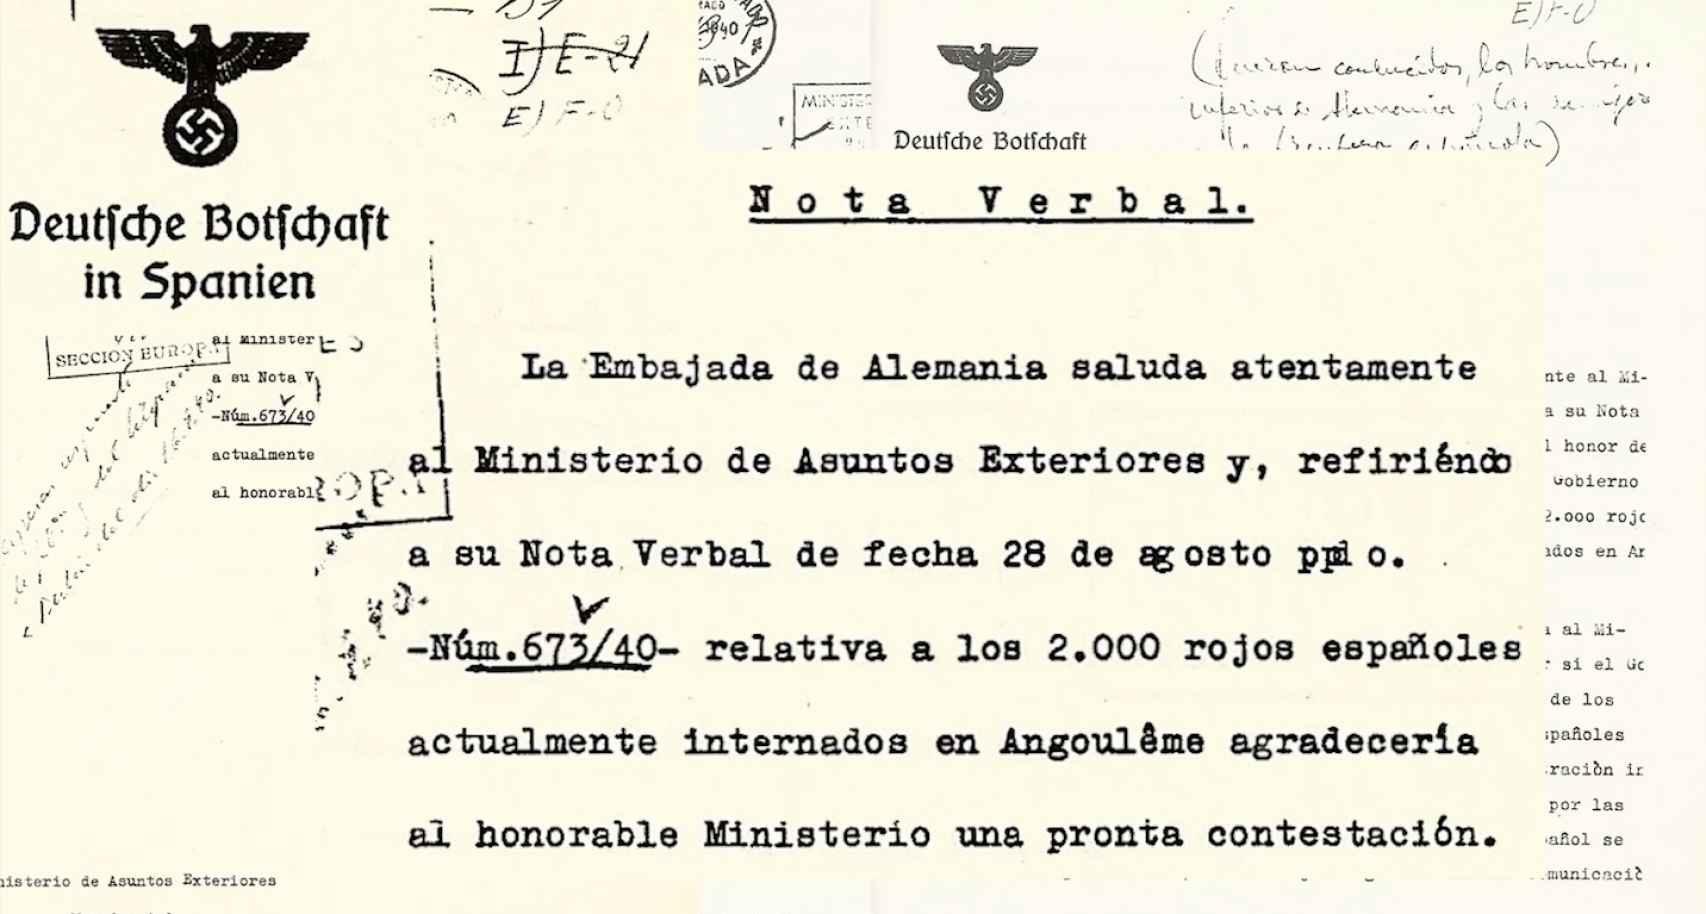 Fotograma de 'Los últimos españoles de Mauthausen', donde se refleja la incertidumbre a la que sumió Franco a los españoles prisioneros tras la carta enviada desde la embajada alemana en España.